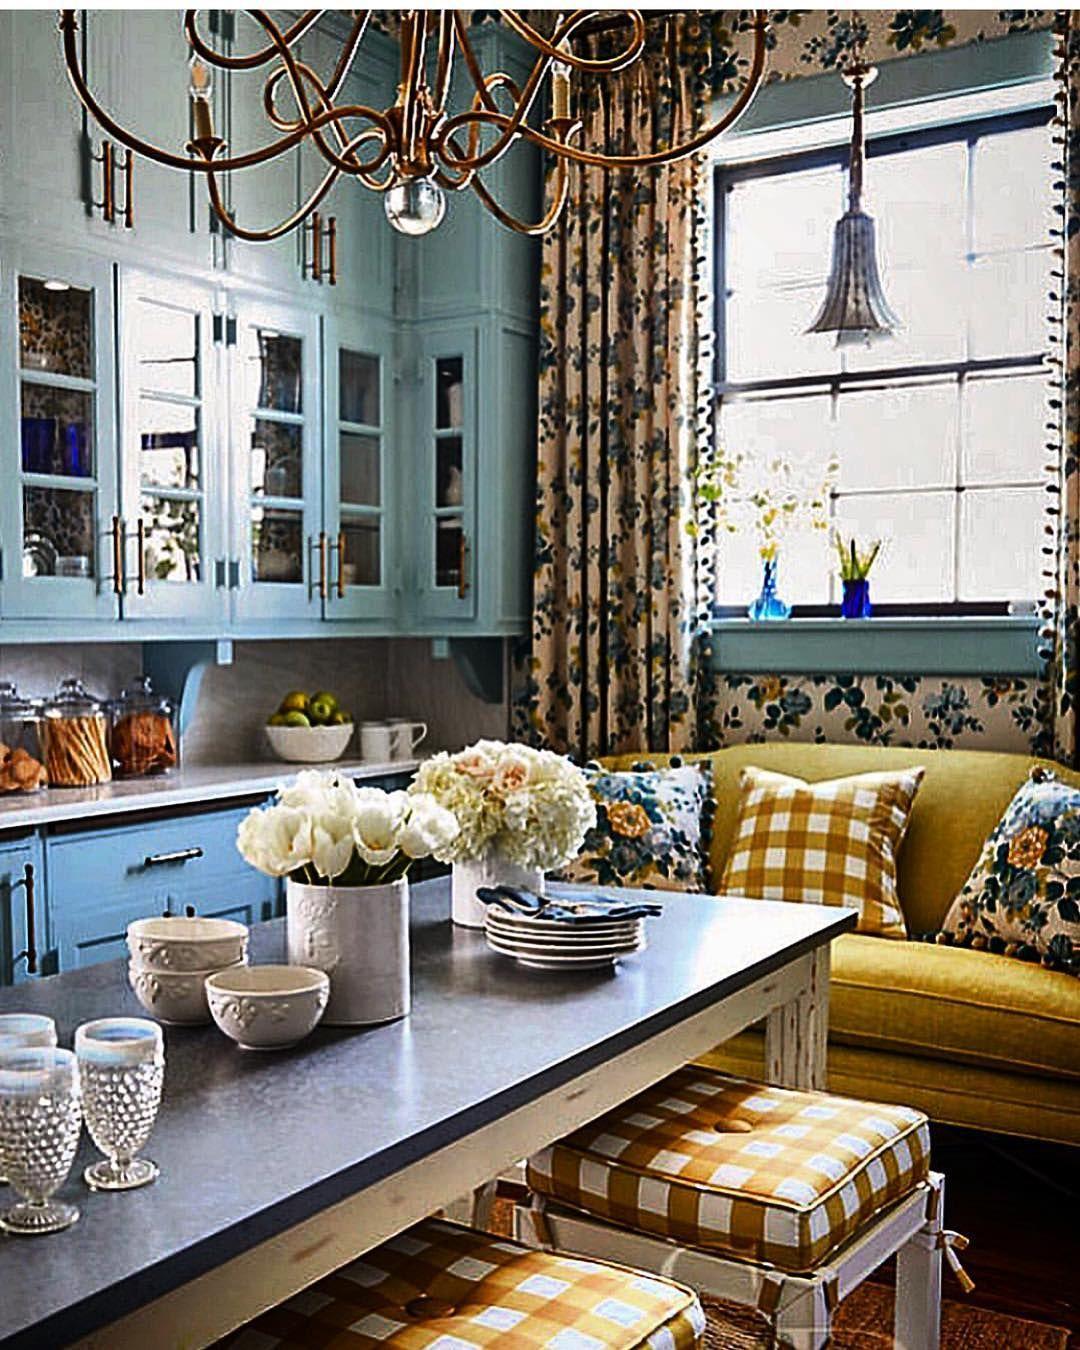 Hillside Designer Showhouse Julianpricehouse Breakfast Room